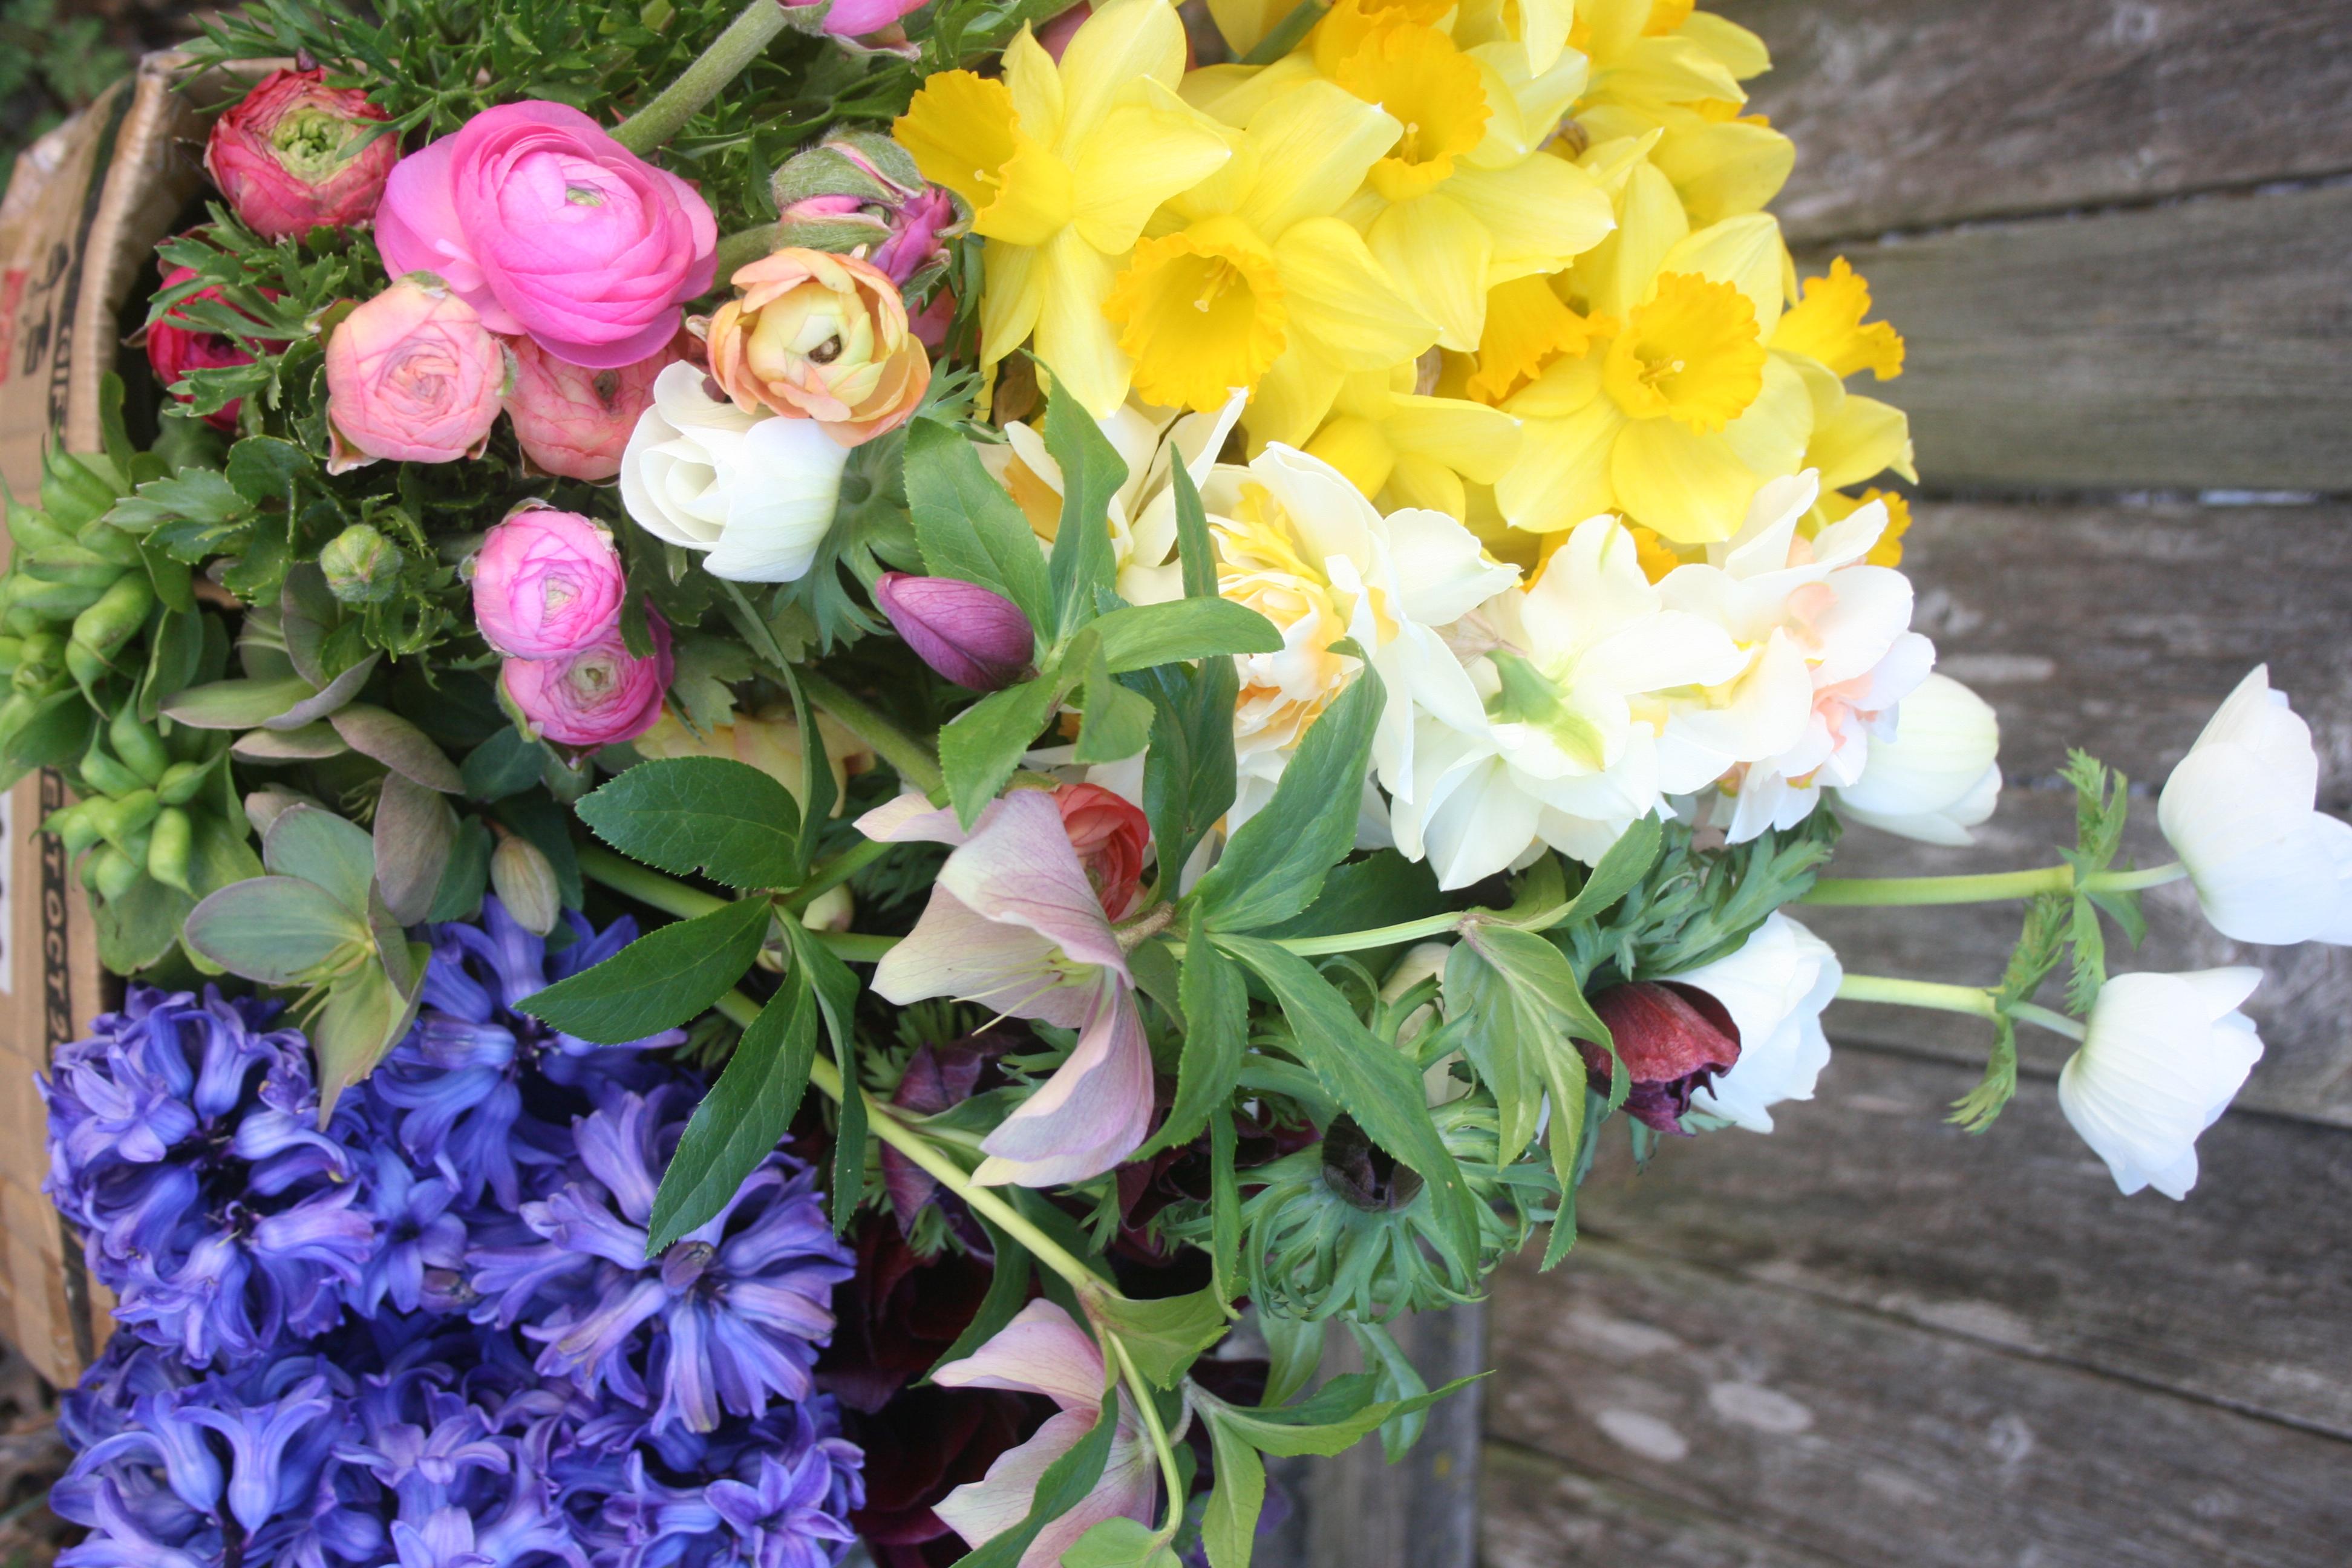 Ranunculus Narcissus Hellebore Hyacinth